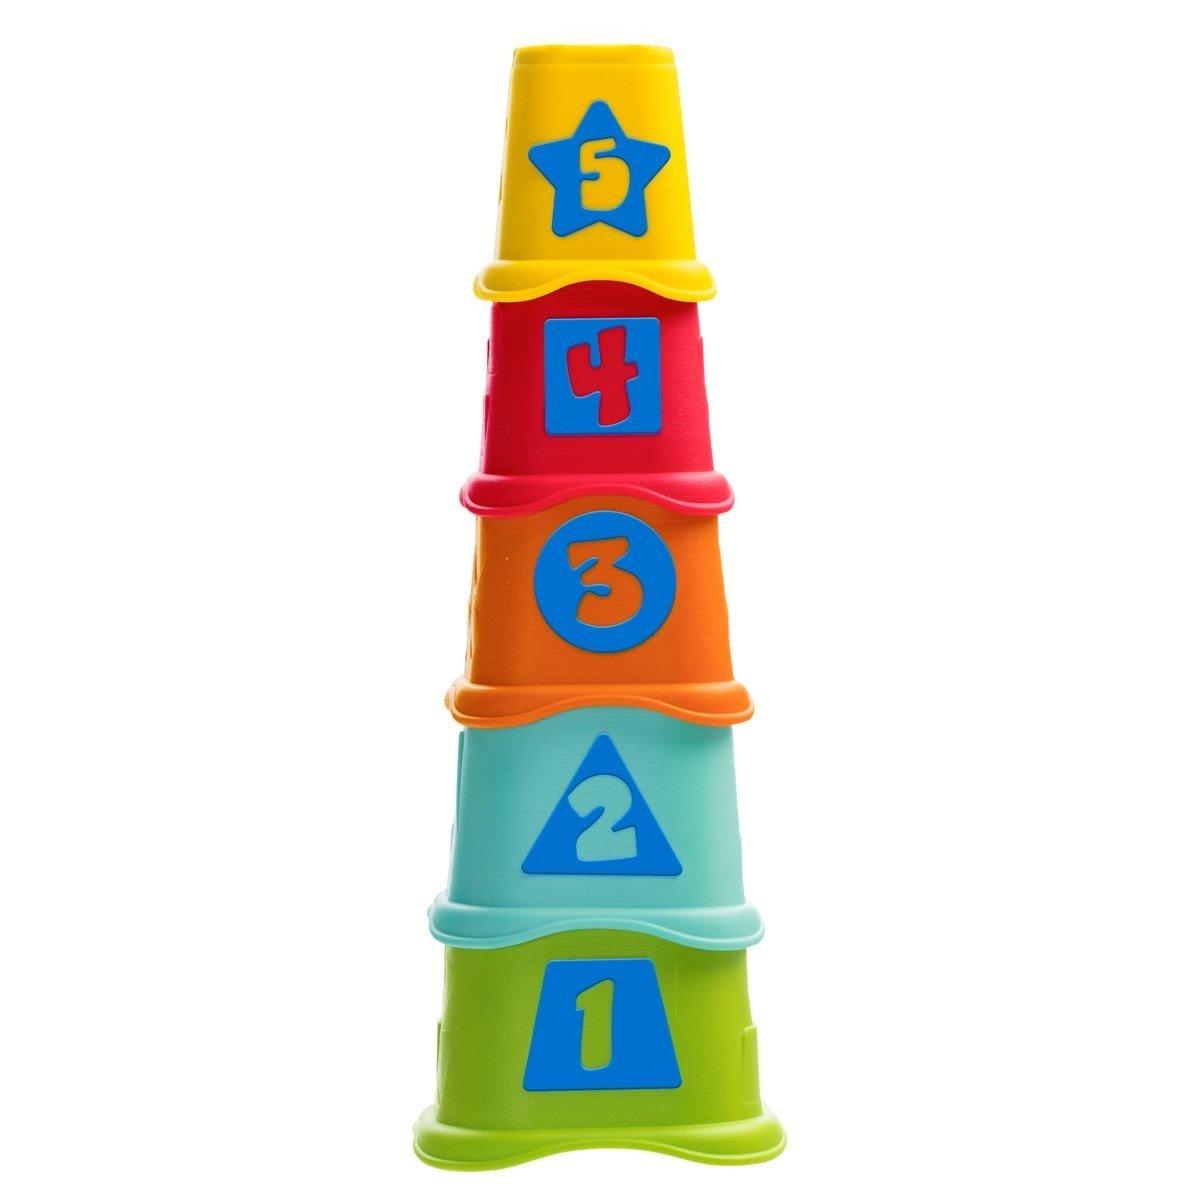 Pyramida stohovací kelímky 5 ks 2v1